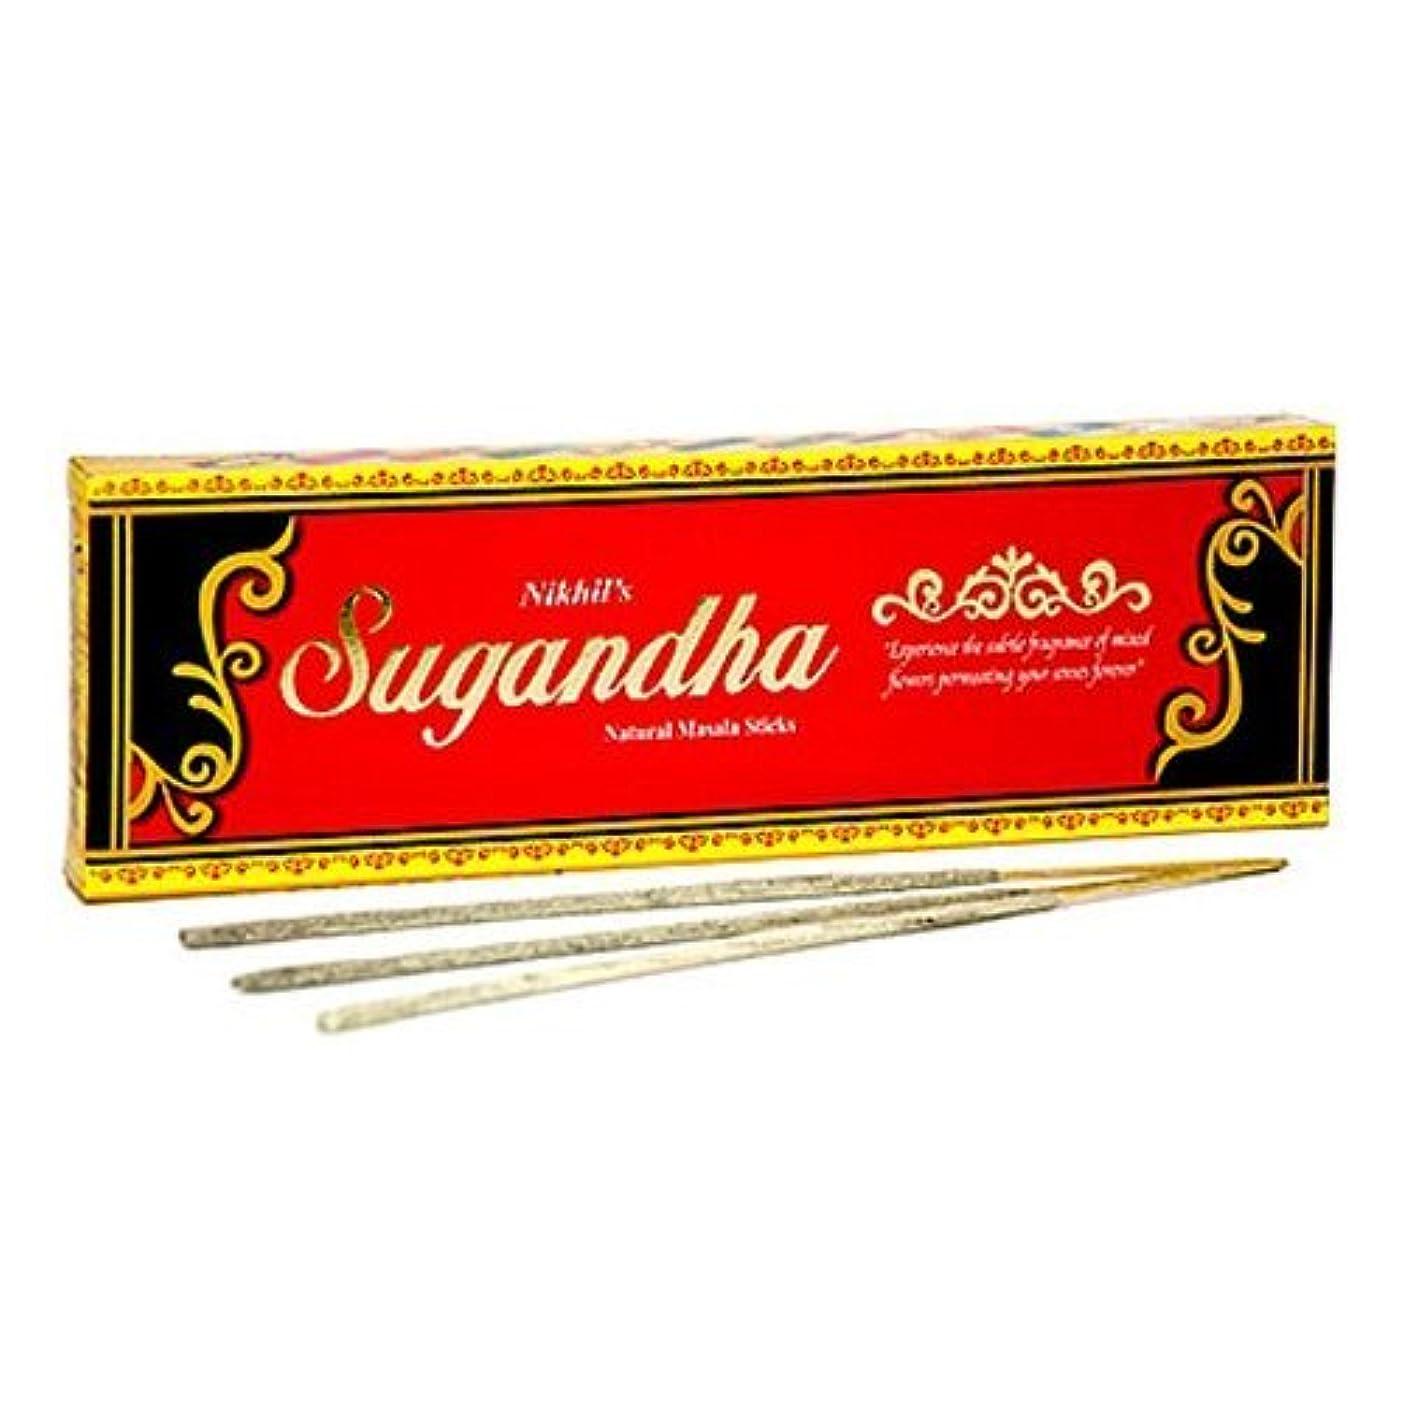 ほめるオーバーヘッド邪魔するNikhil Sugandha Natural Incense - 2 Packs, 50 Grammes per Pack